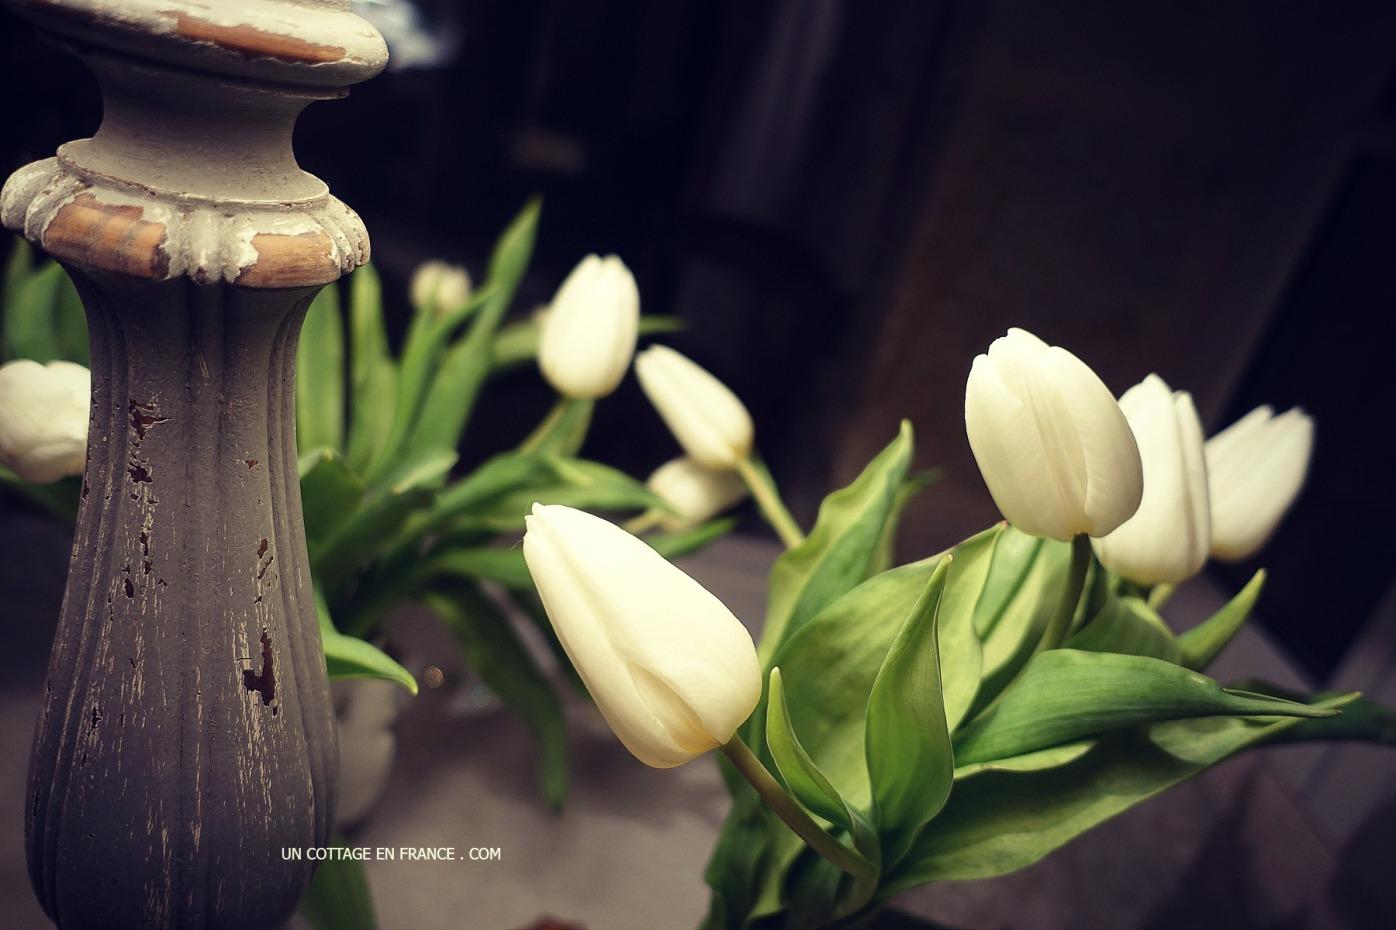 les-tulipes-blanches-bouquet-pastel-de-janvier-au-cottage-12-intr